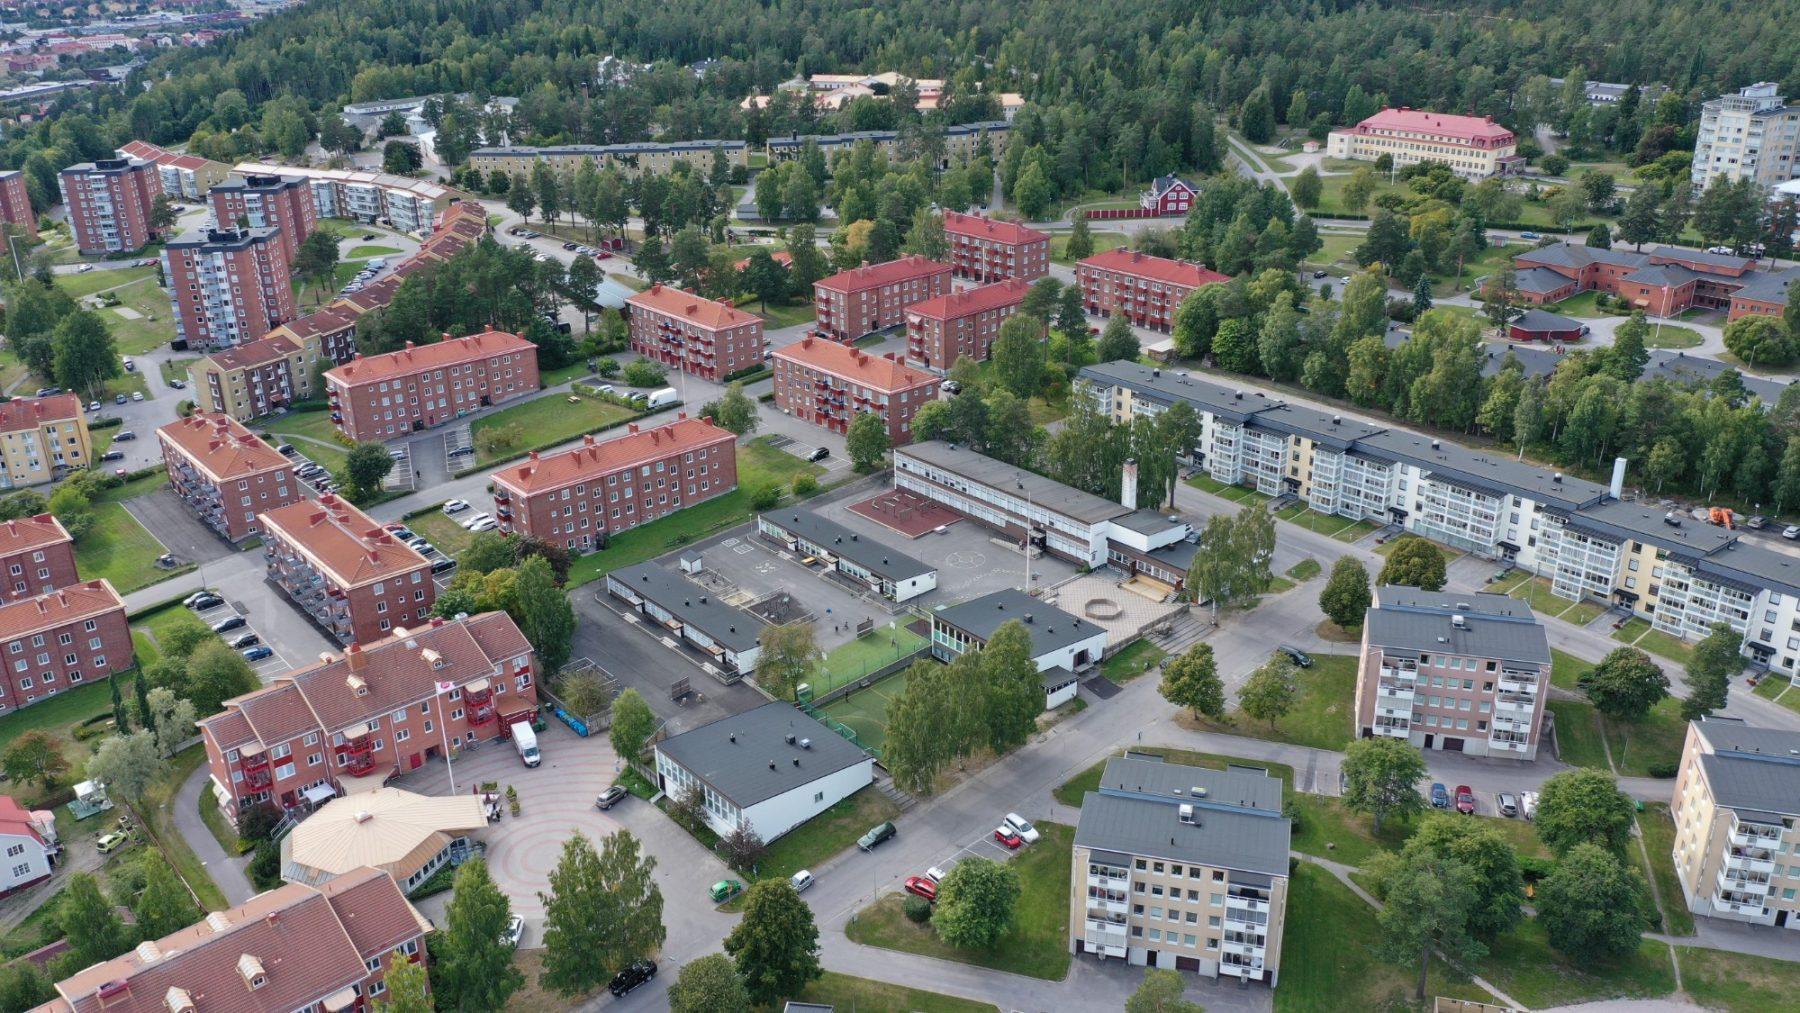 Flygfoto över Prolympia Sundsvall och närområdet